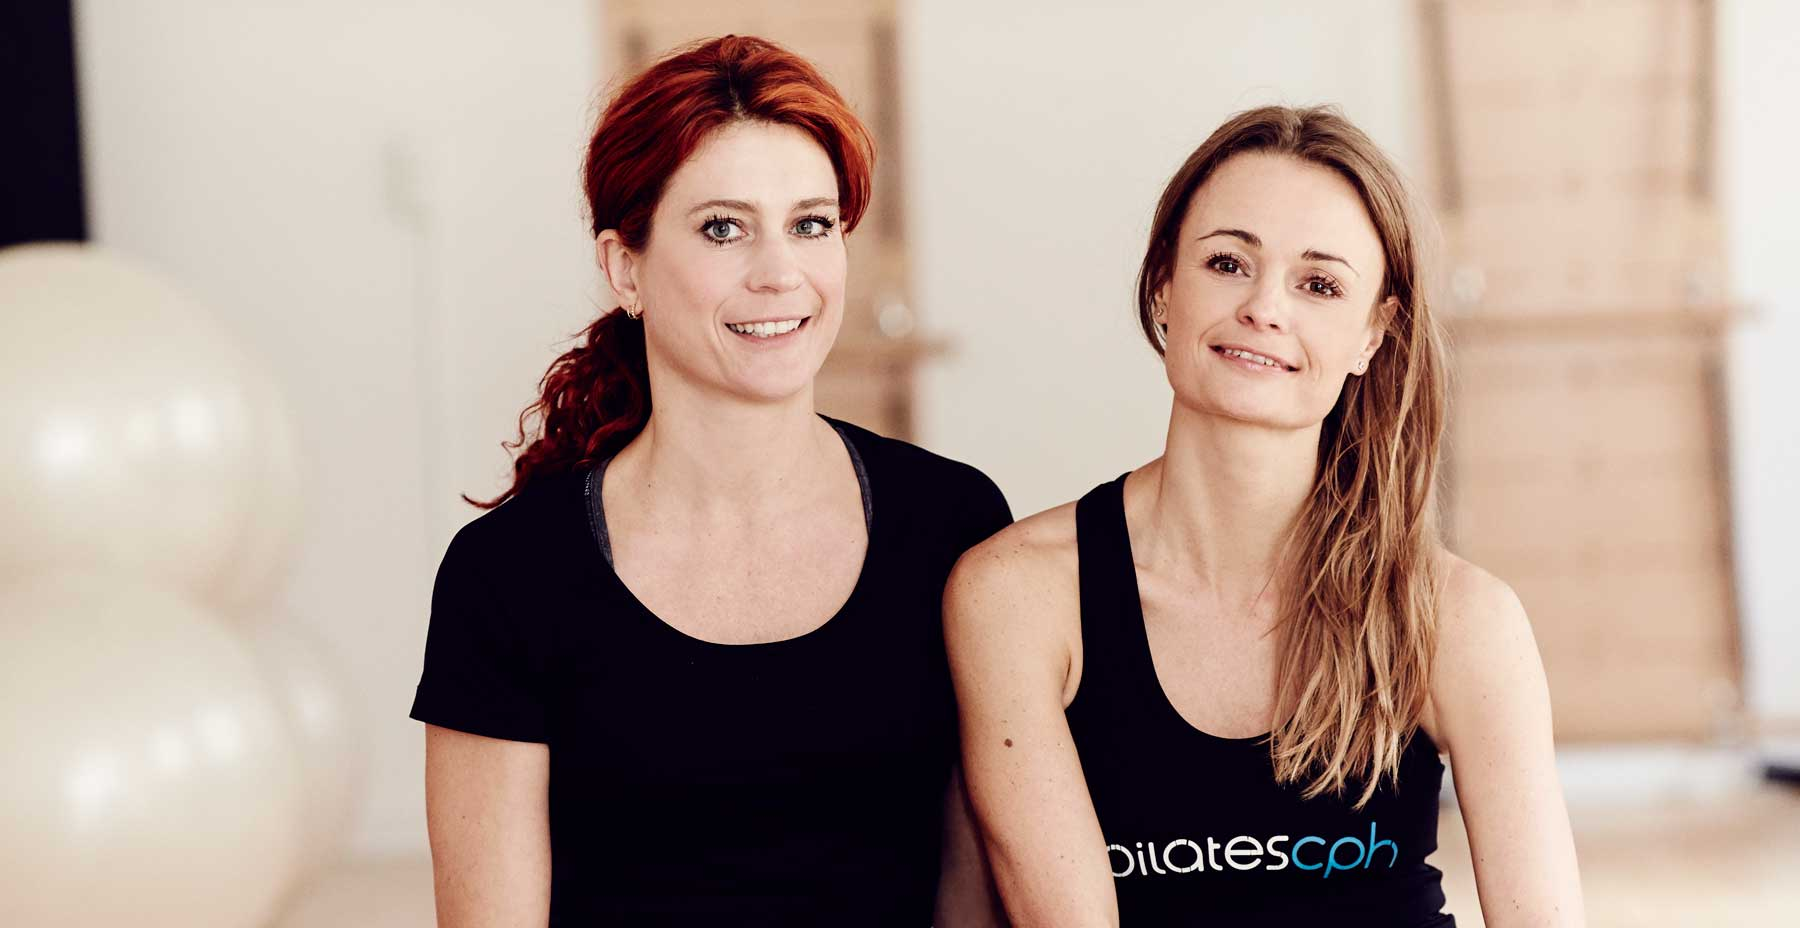 Gennem hele forløbet vil du blive undervist af de to ejere og stiftere af Pilates Cph: Gitte Peirano og Camilla Bækholm